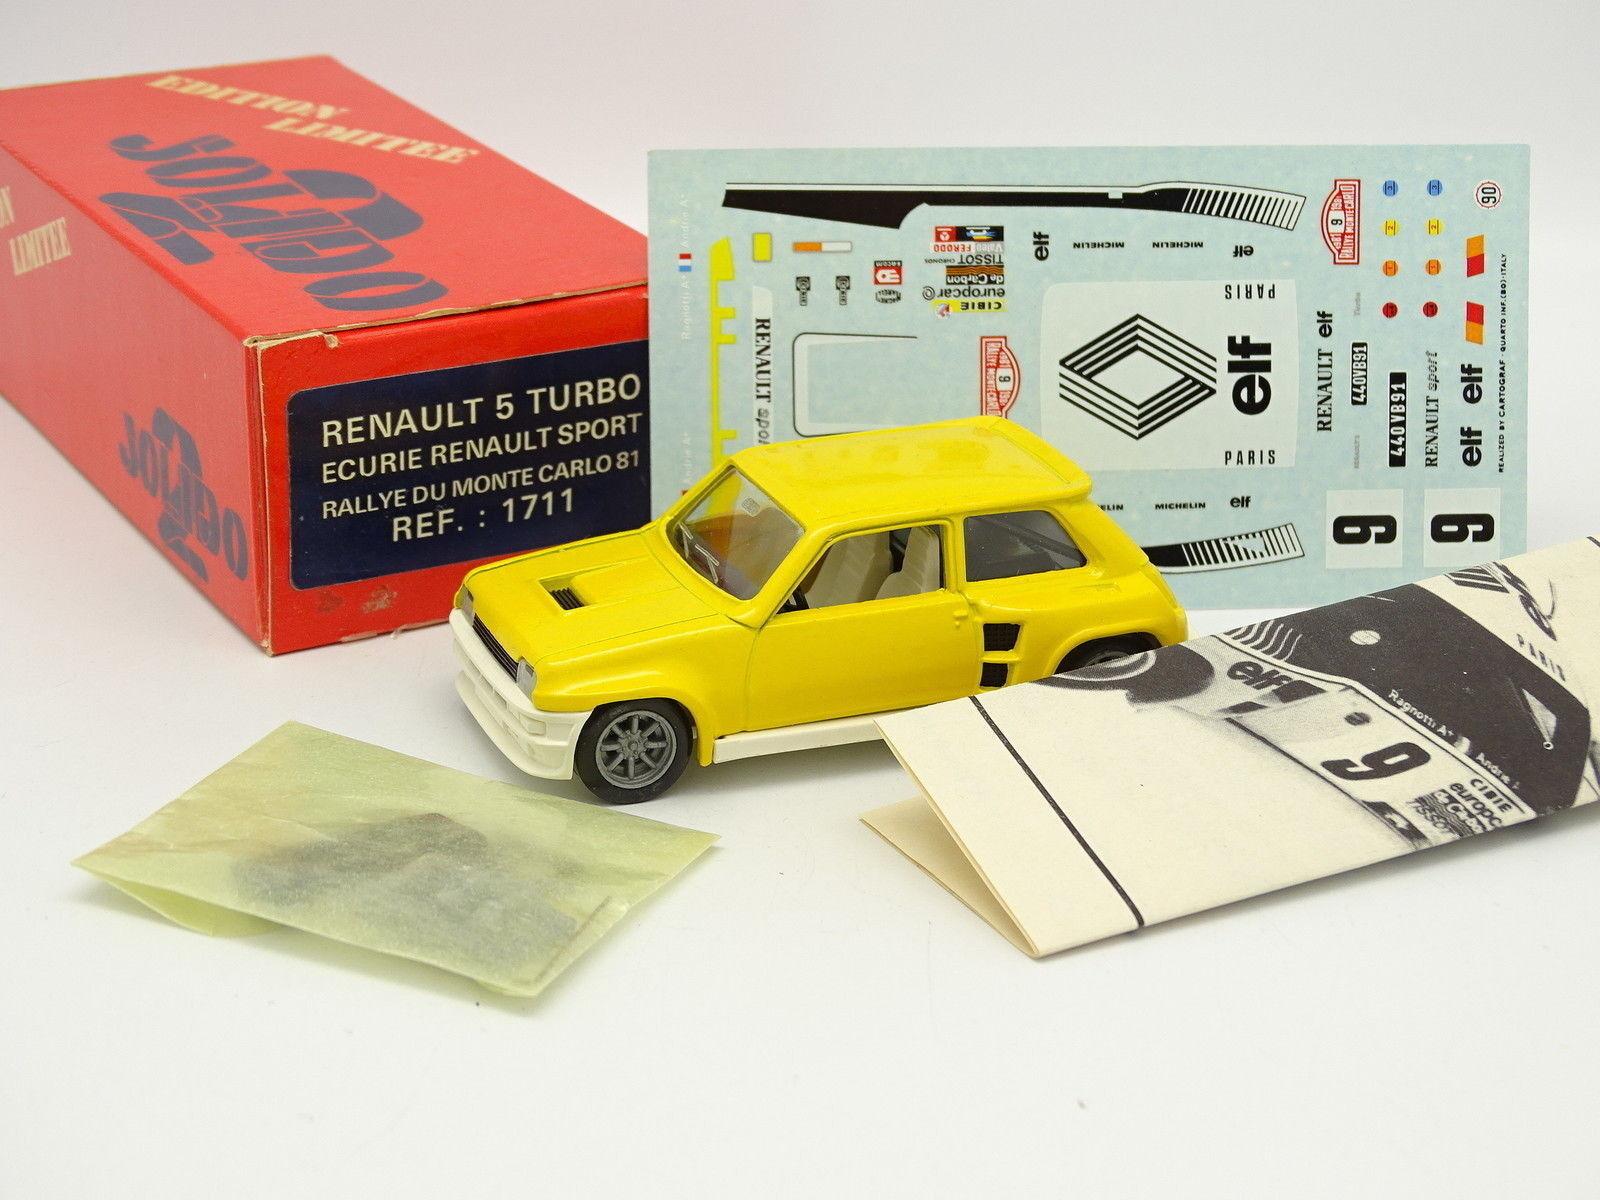 TOP 43 43 43 Kit da montare 1 43 - Renault 5 Turbo Rally Inssize Carlo 1981 ea770f